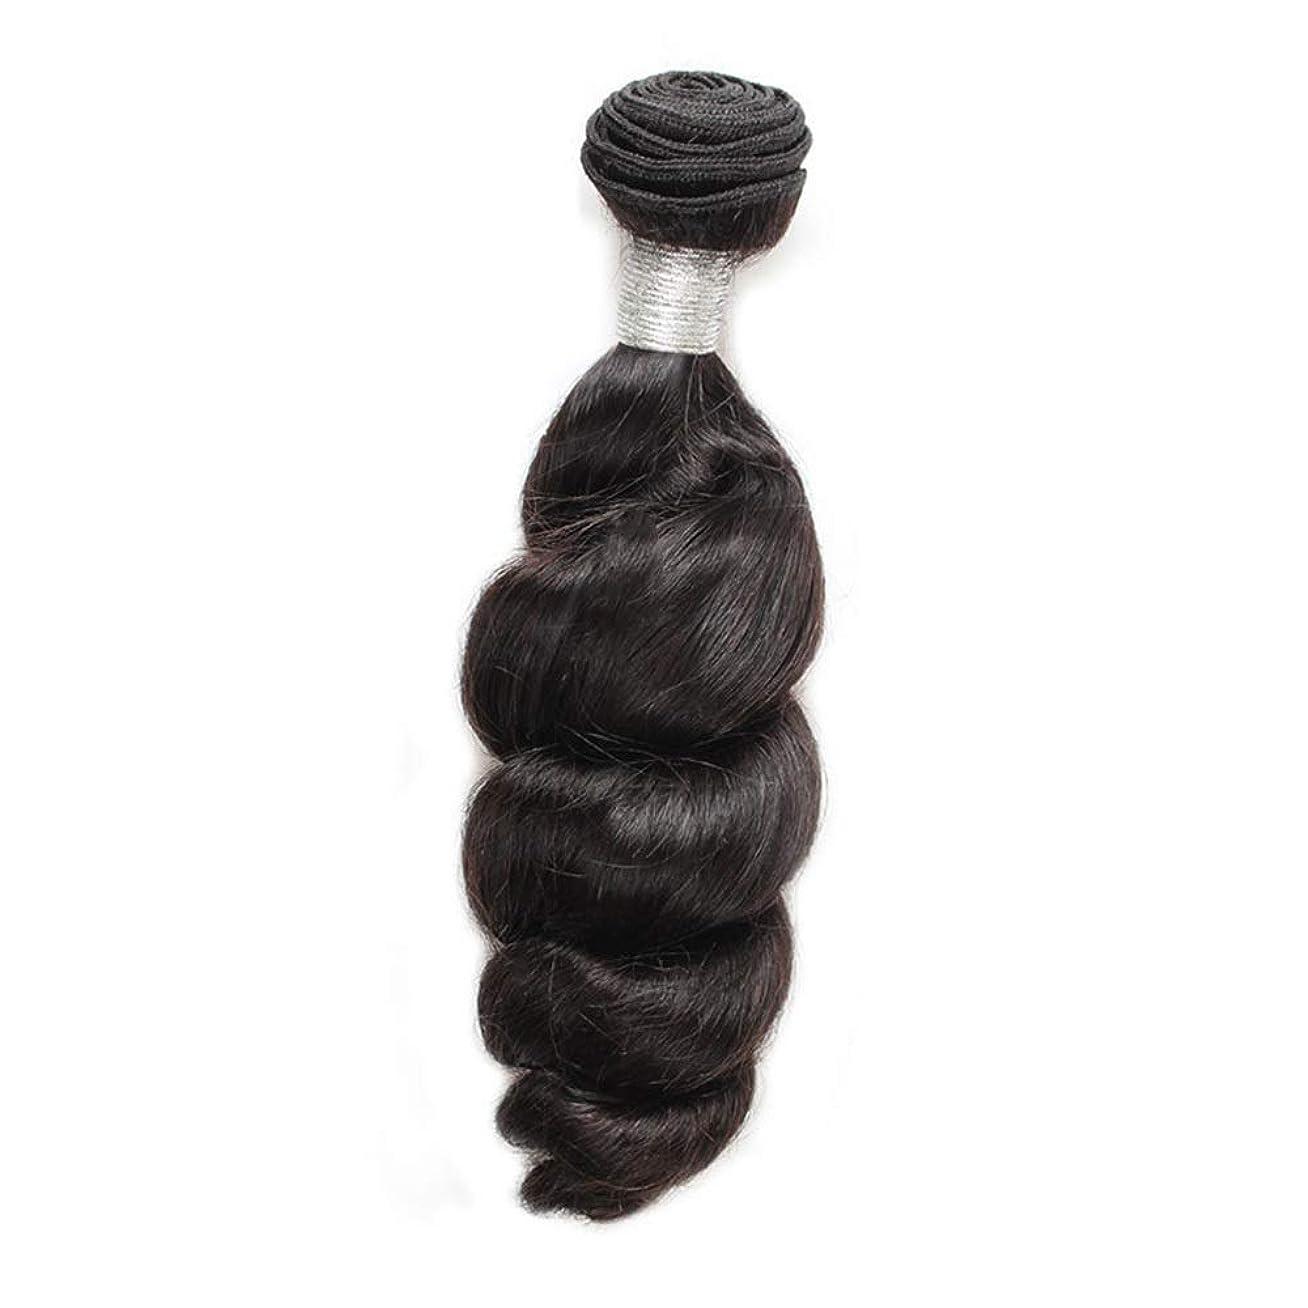 粘液マージン誠実YESONEEP 女性の人間の髪の毛ブラジルのバージンルースウェーブの束横糸ナチュラルブラック100g /個1枚入り(12インチ-26インチ)合成髪レースかつらロールプレイングかつらストレートシリンダーショートスタイル女性自然 (色 : 黒, サイズ : 12 inch)